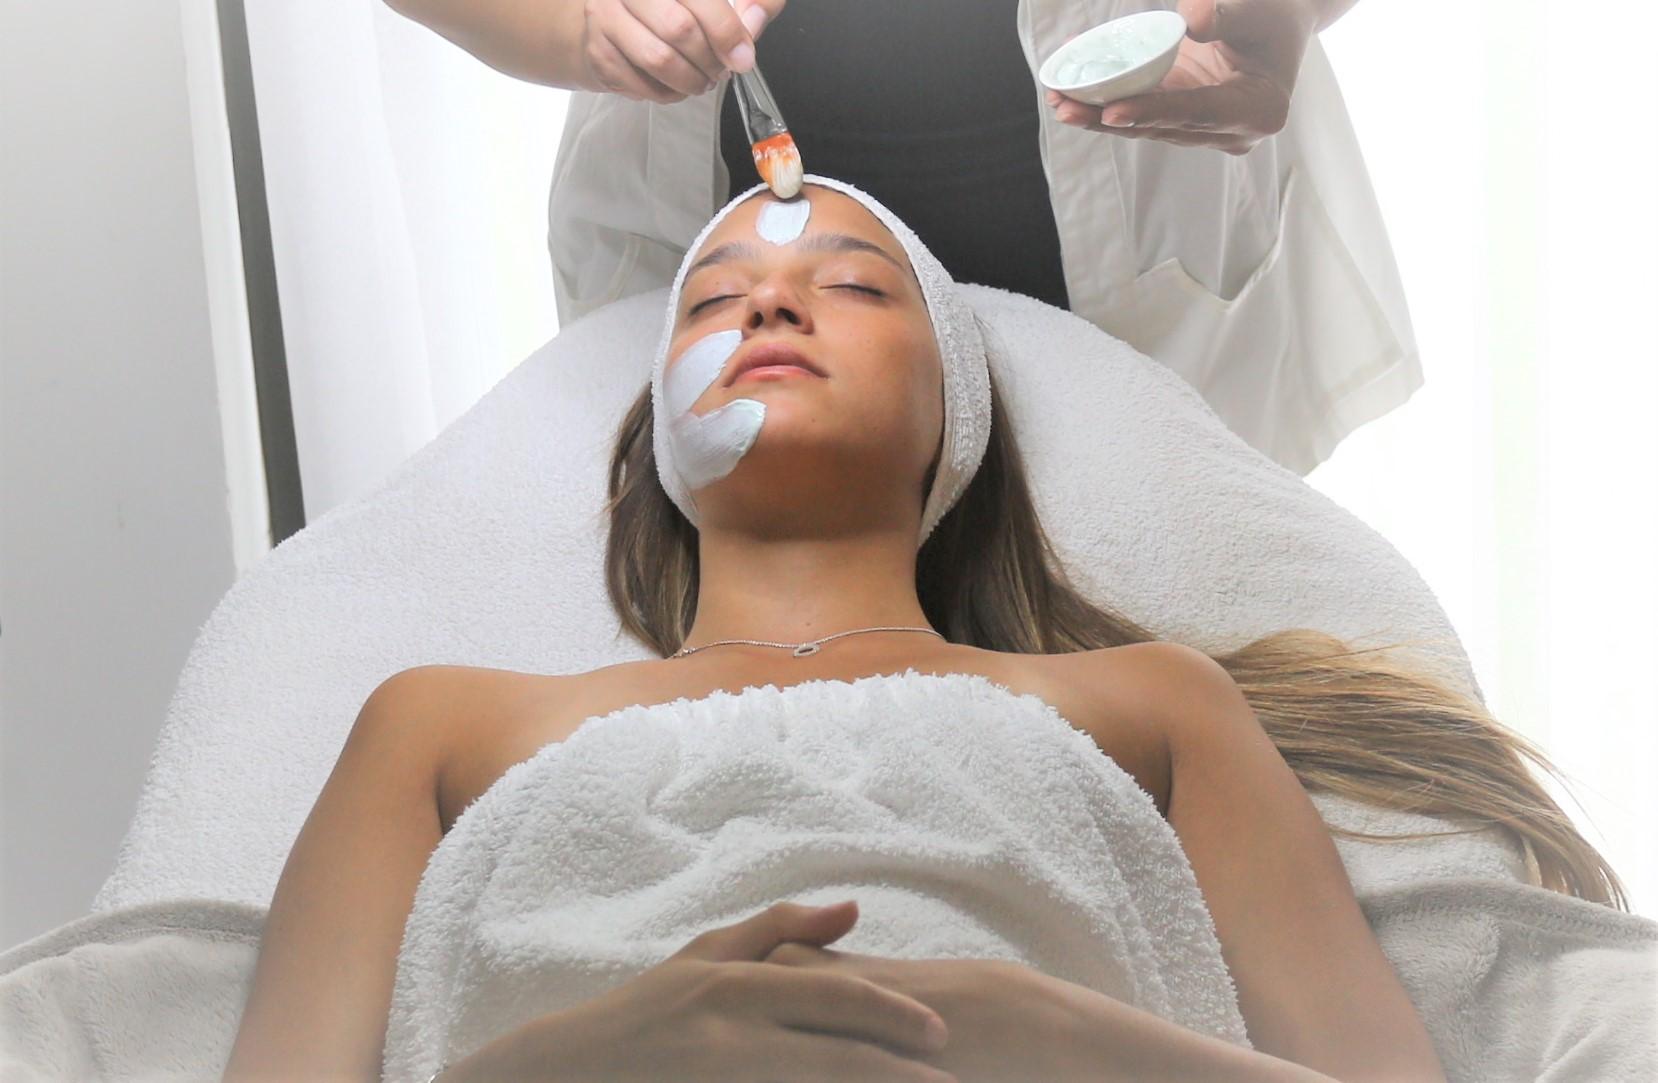 """טיפול פנים בהרמון היופי - קליניקה לקוסמטיקה רפואית. צילום: יח""""צ"""